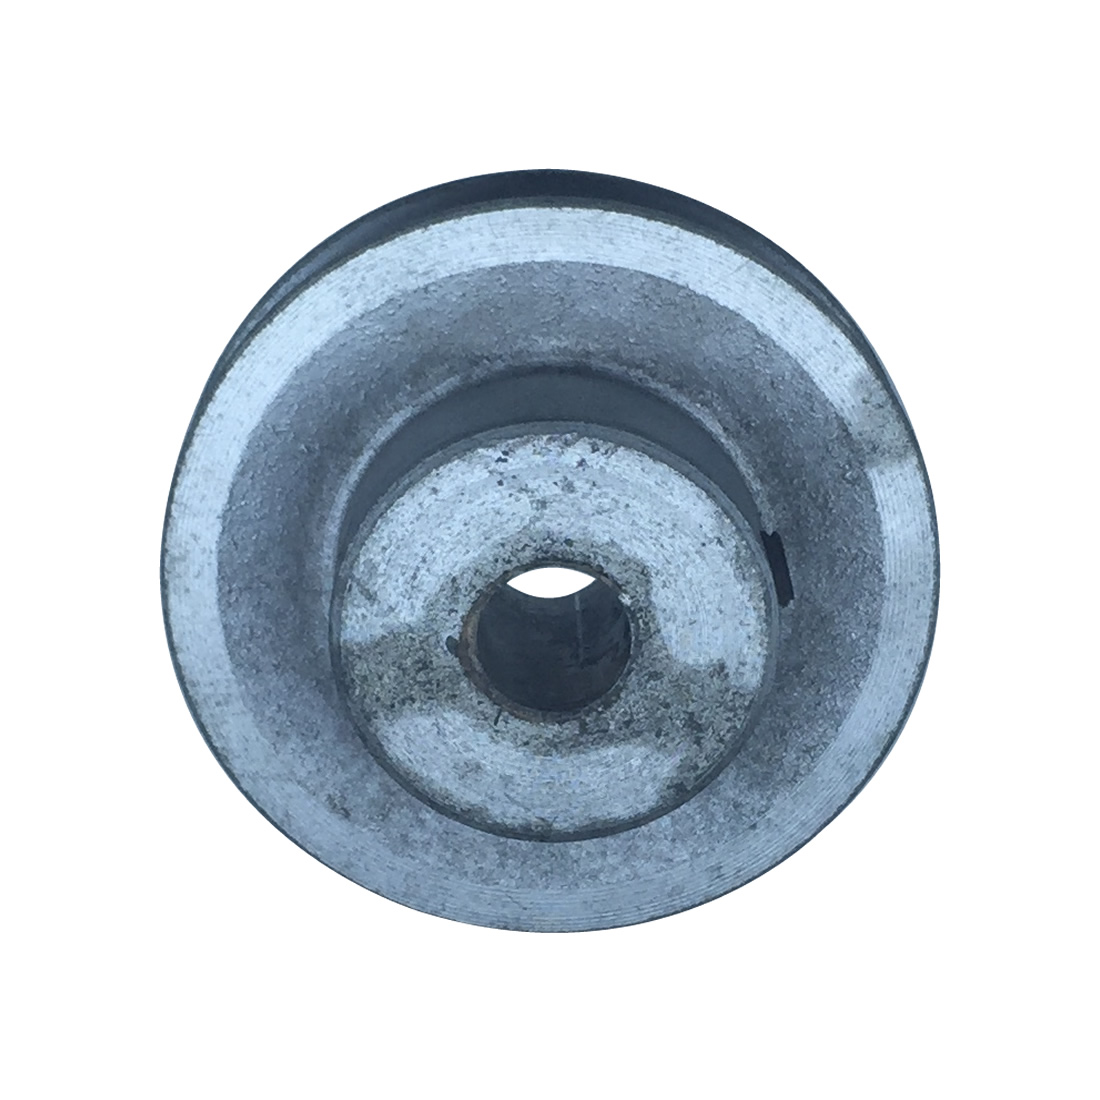 Polia do Motor para Exaustor de Transmissão | Ventisilva